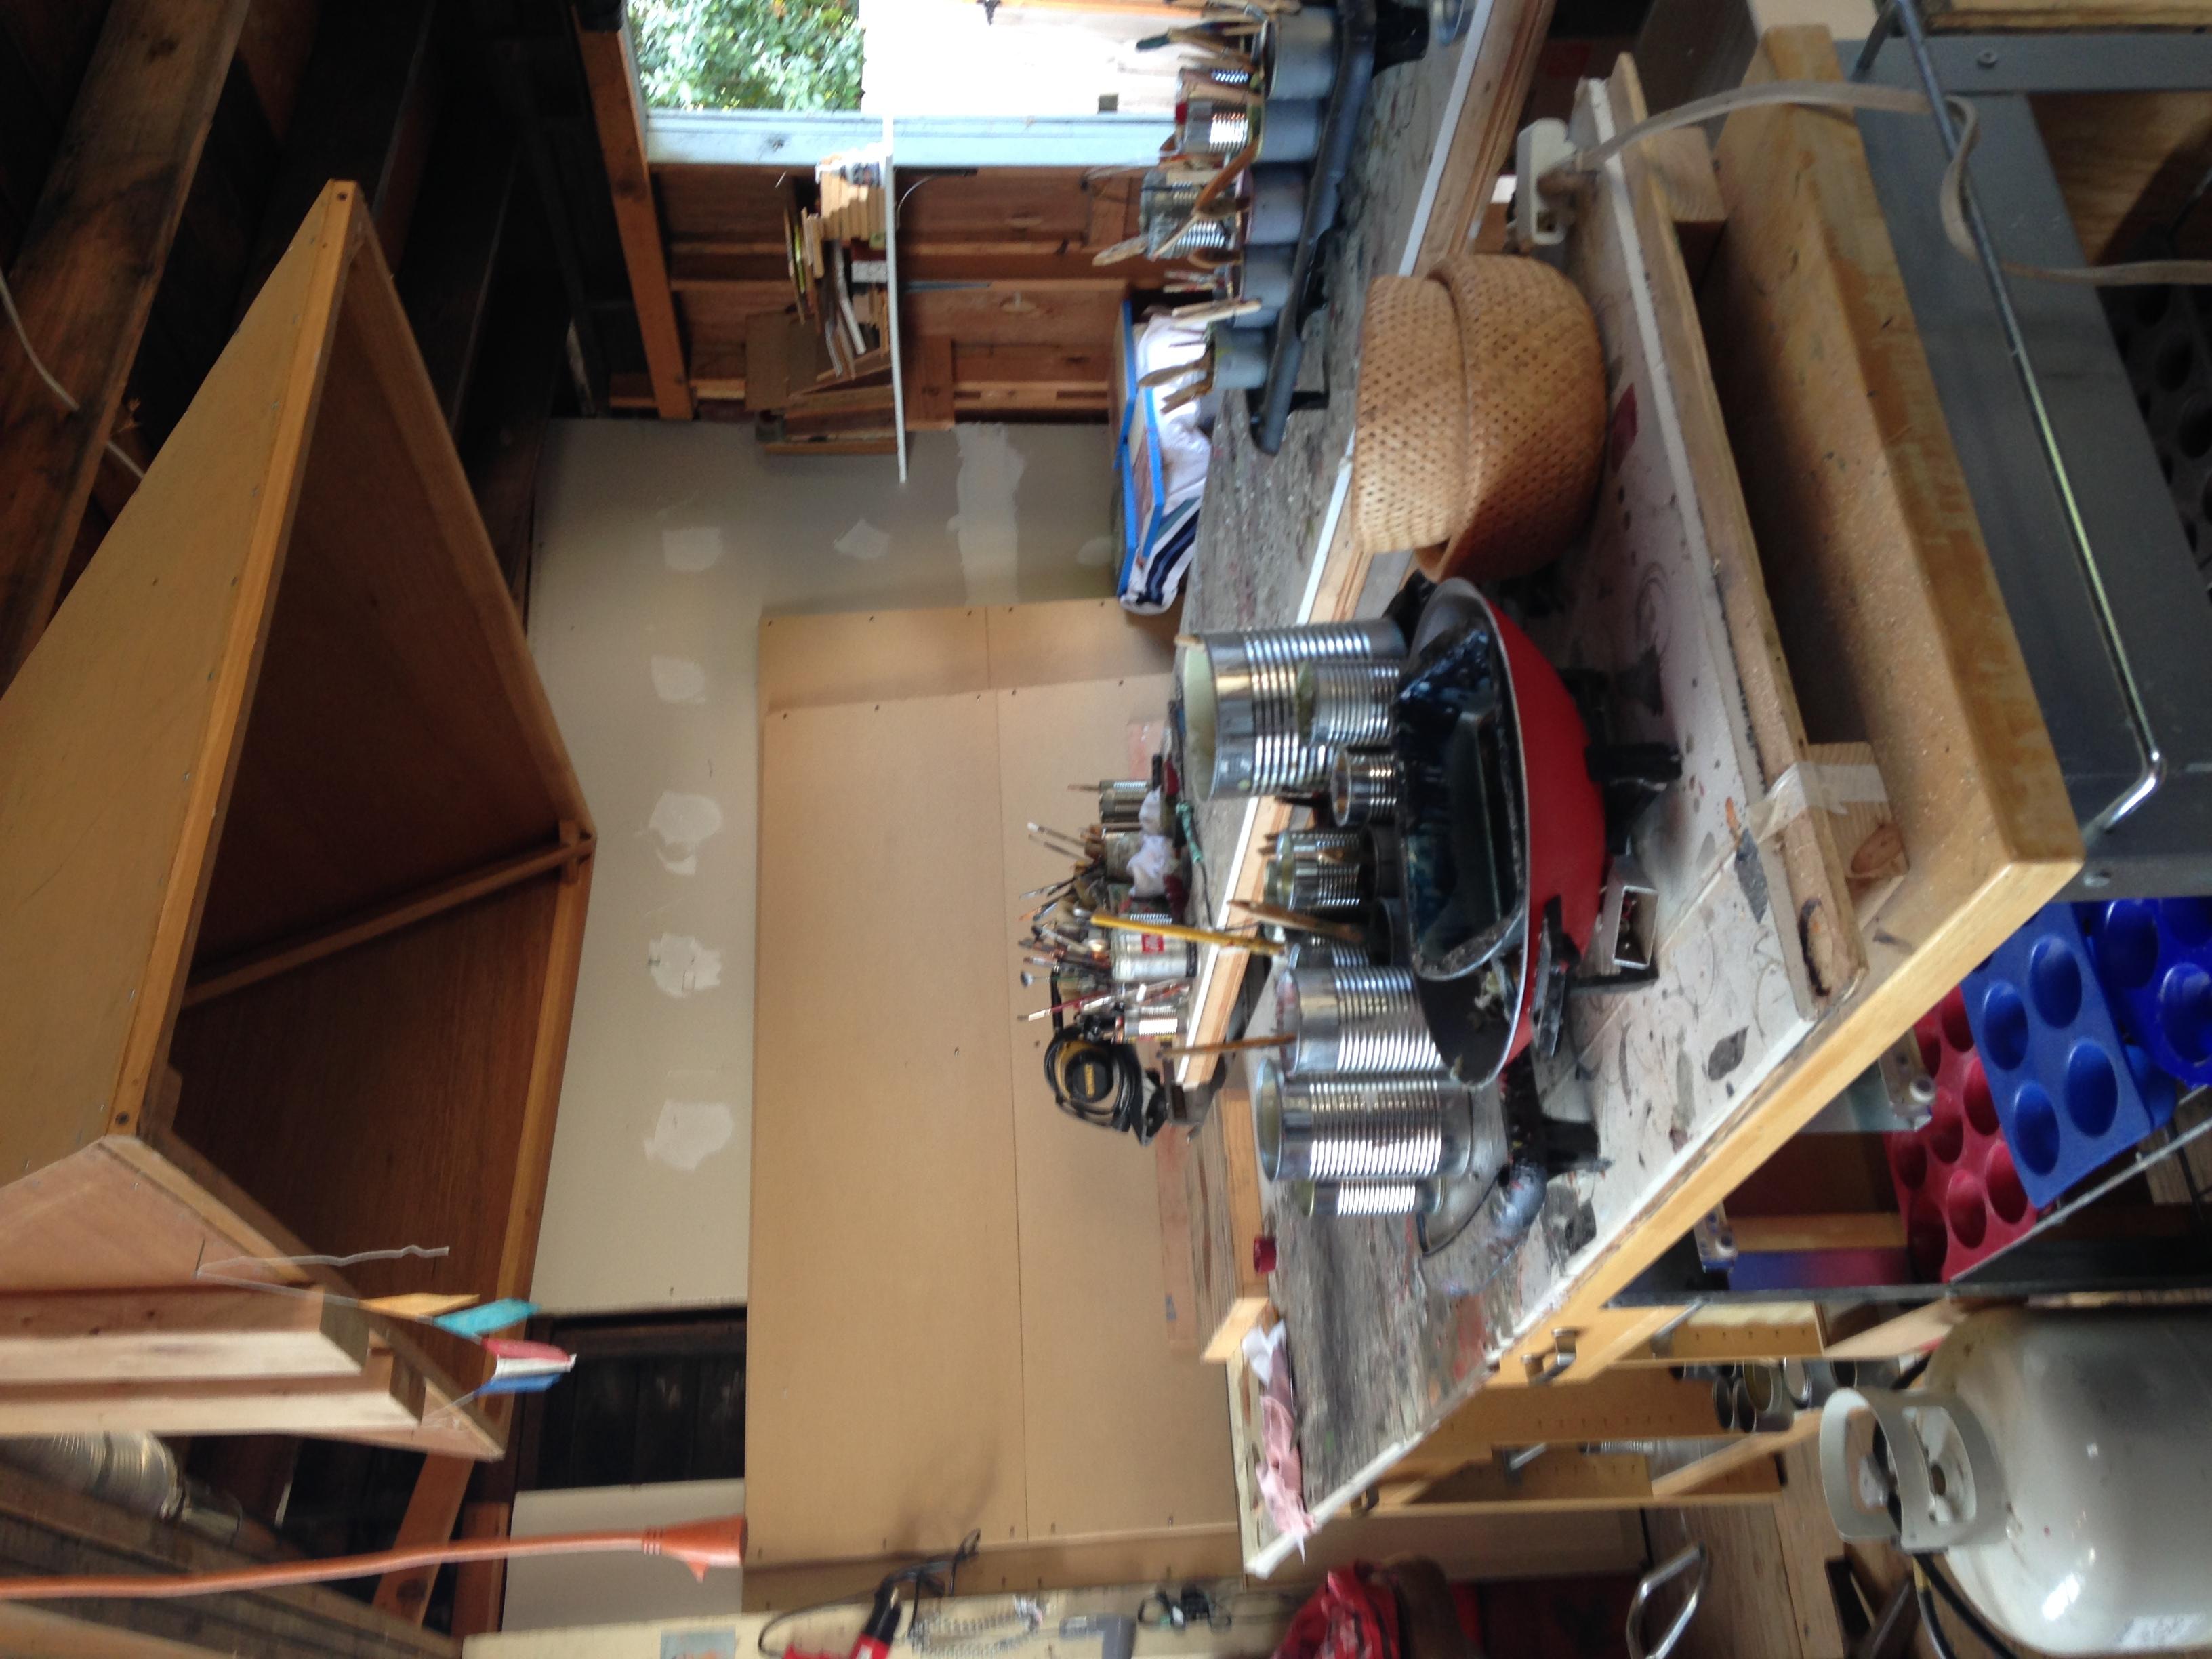 Stephanie Hargrave's studio